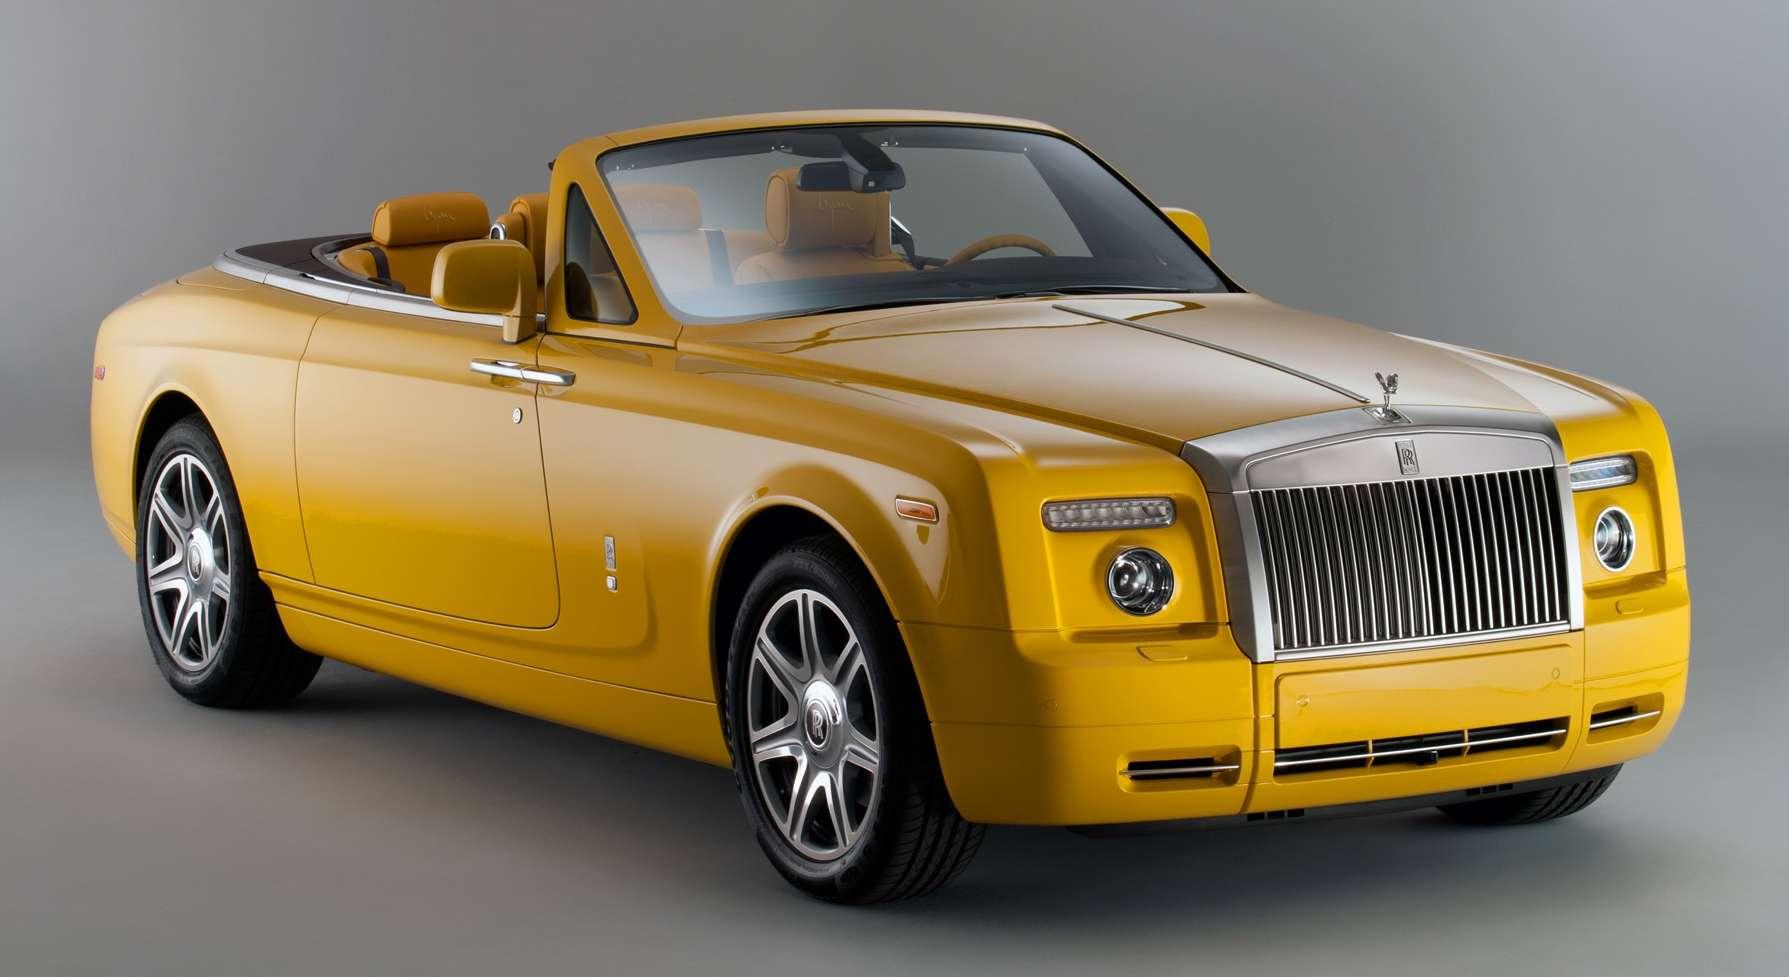 Rolls-Royce Phantom Drophead Coupe Bespoke By Bijan